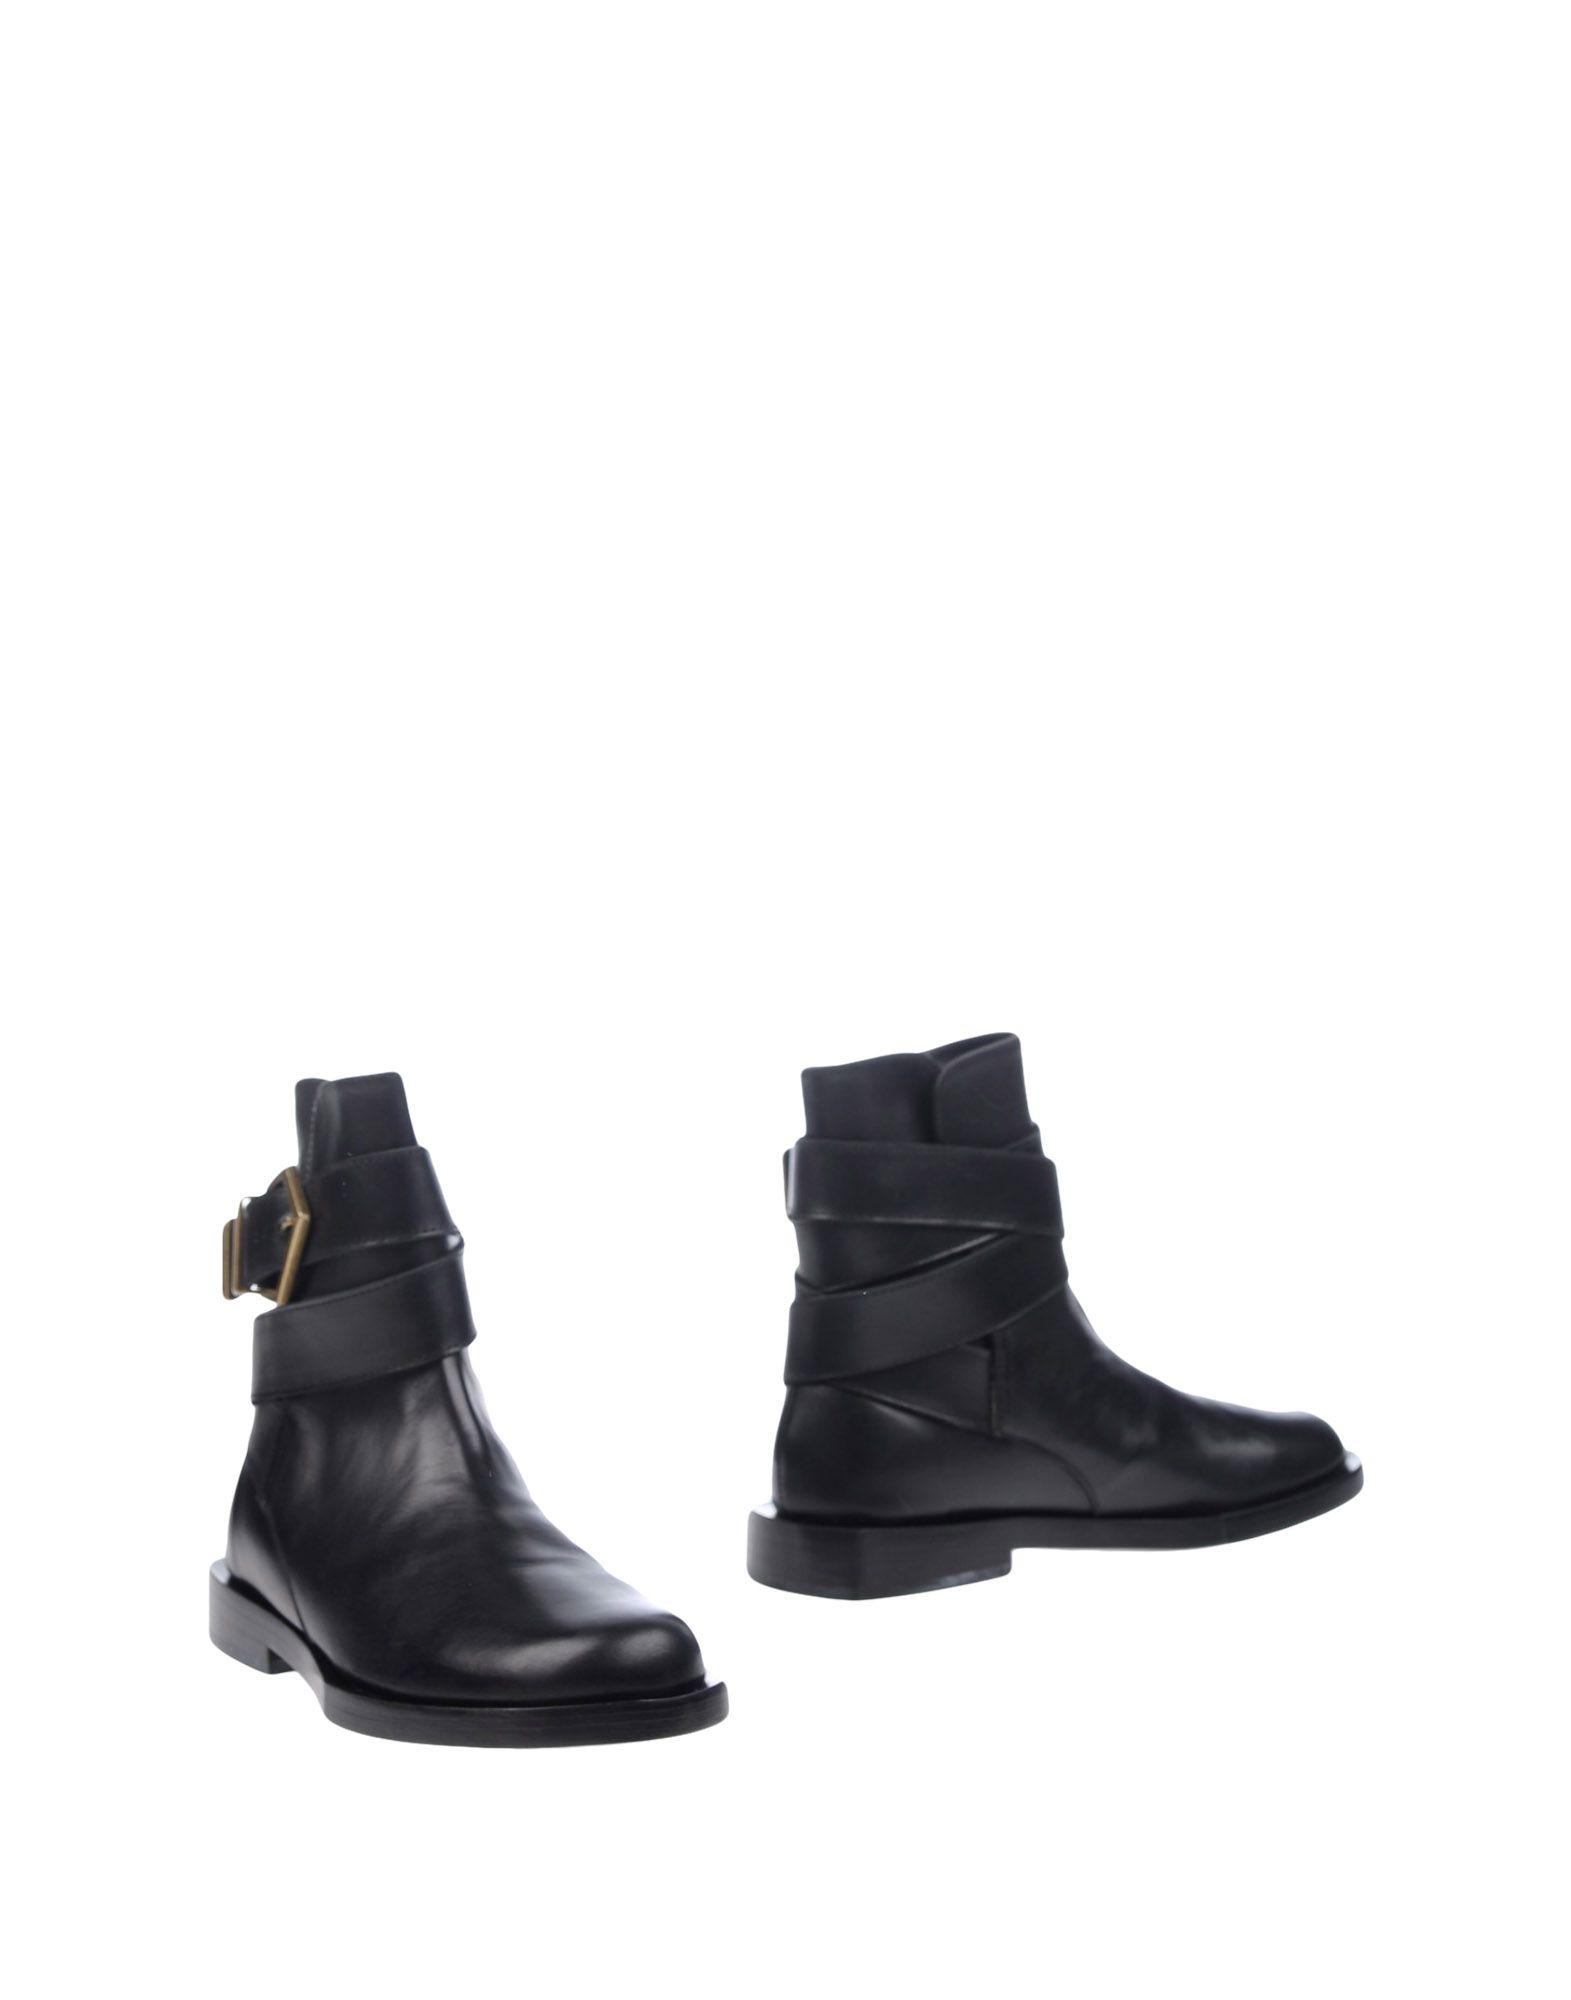 ACHILLES ION GABRIEL Полусапоги и высокие ботинки демисезонные ботинки common projects obscure achilles mesh low grey